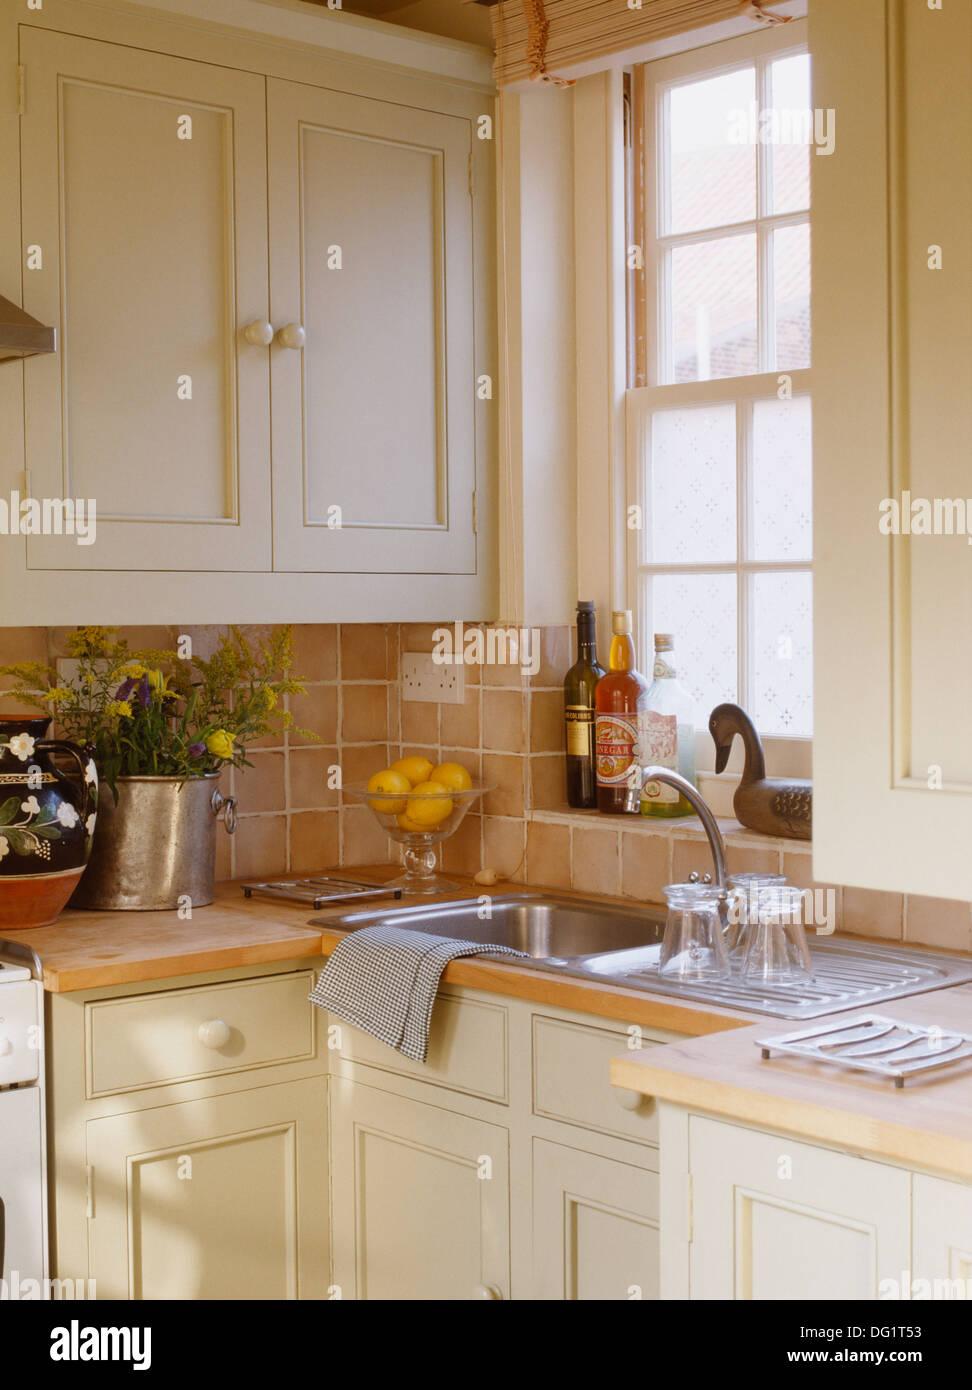 Edelstahl-Spüle unter Fenster in Creme Küche mit keramischen ...